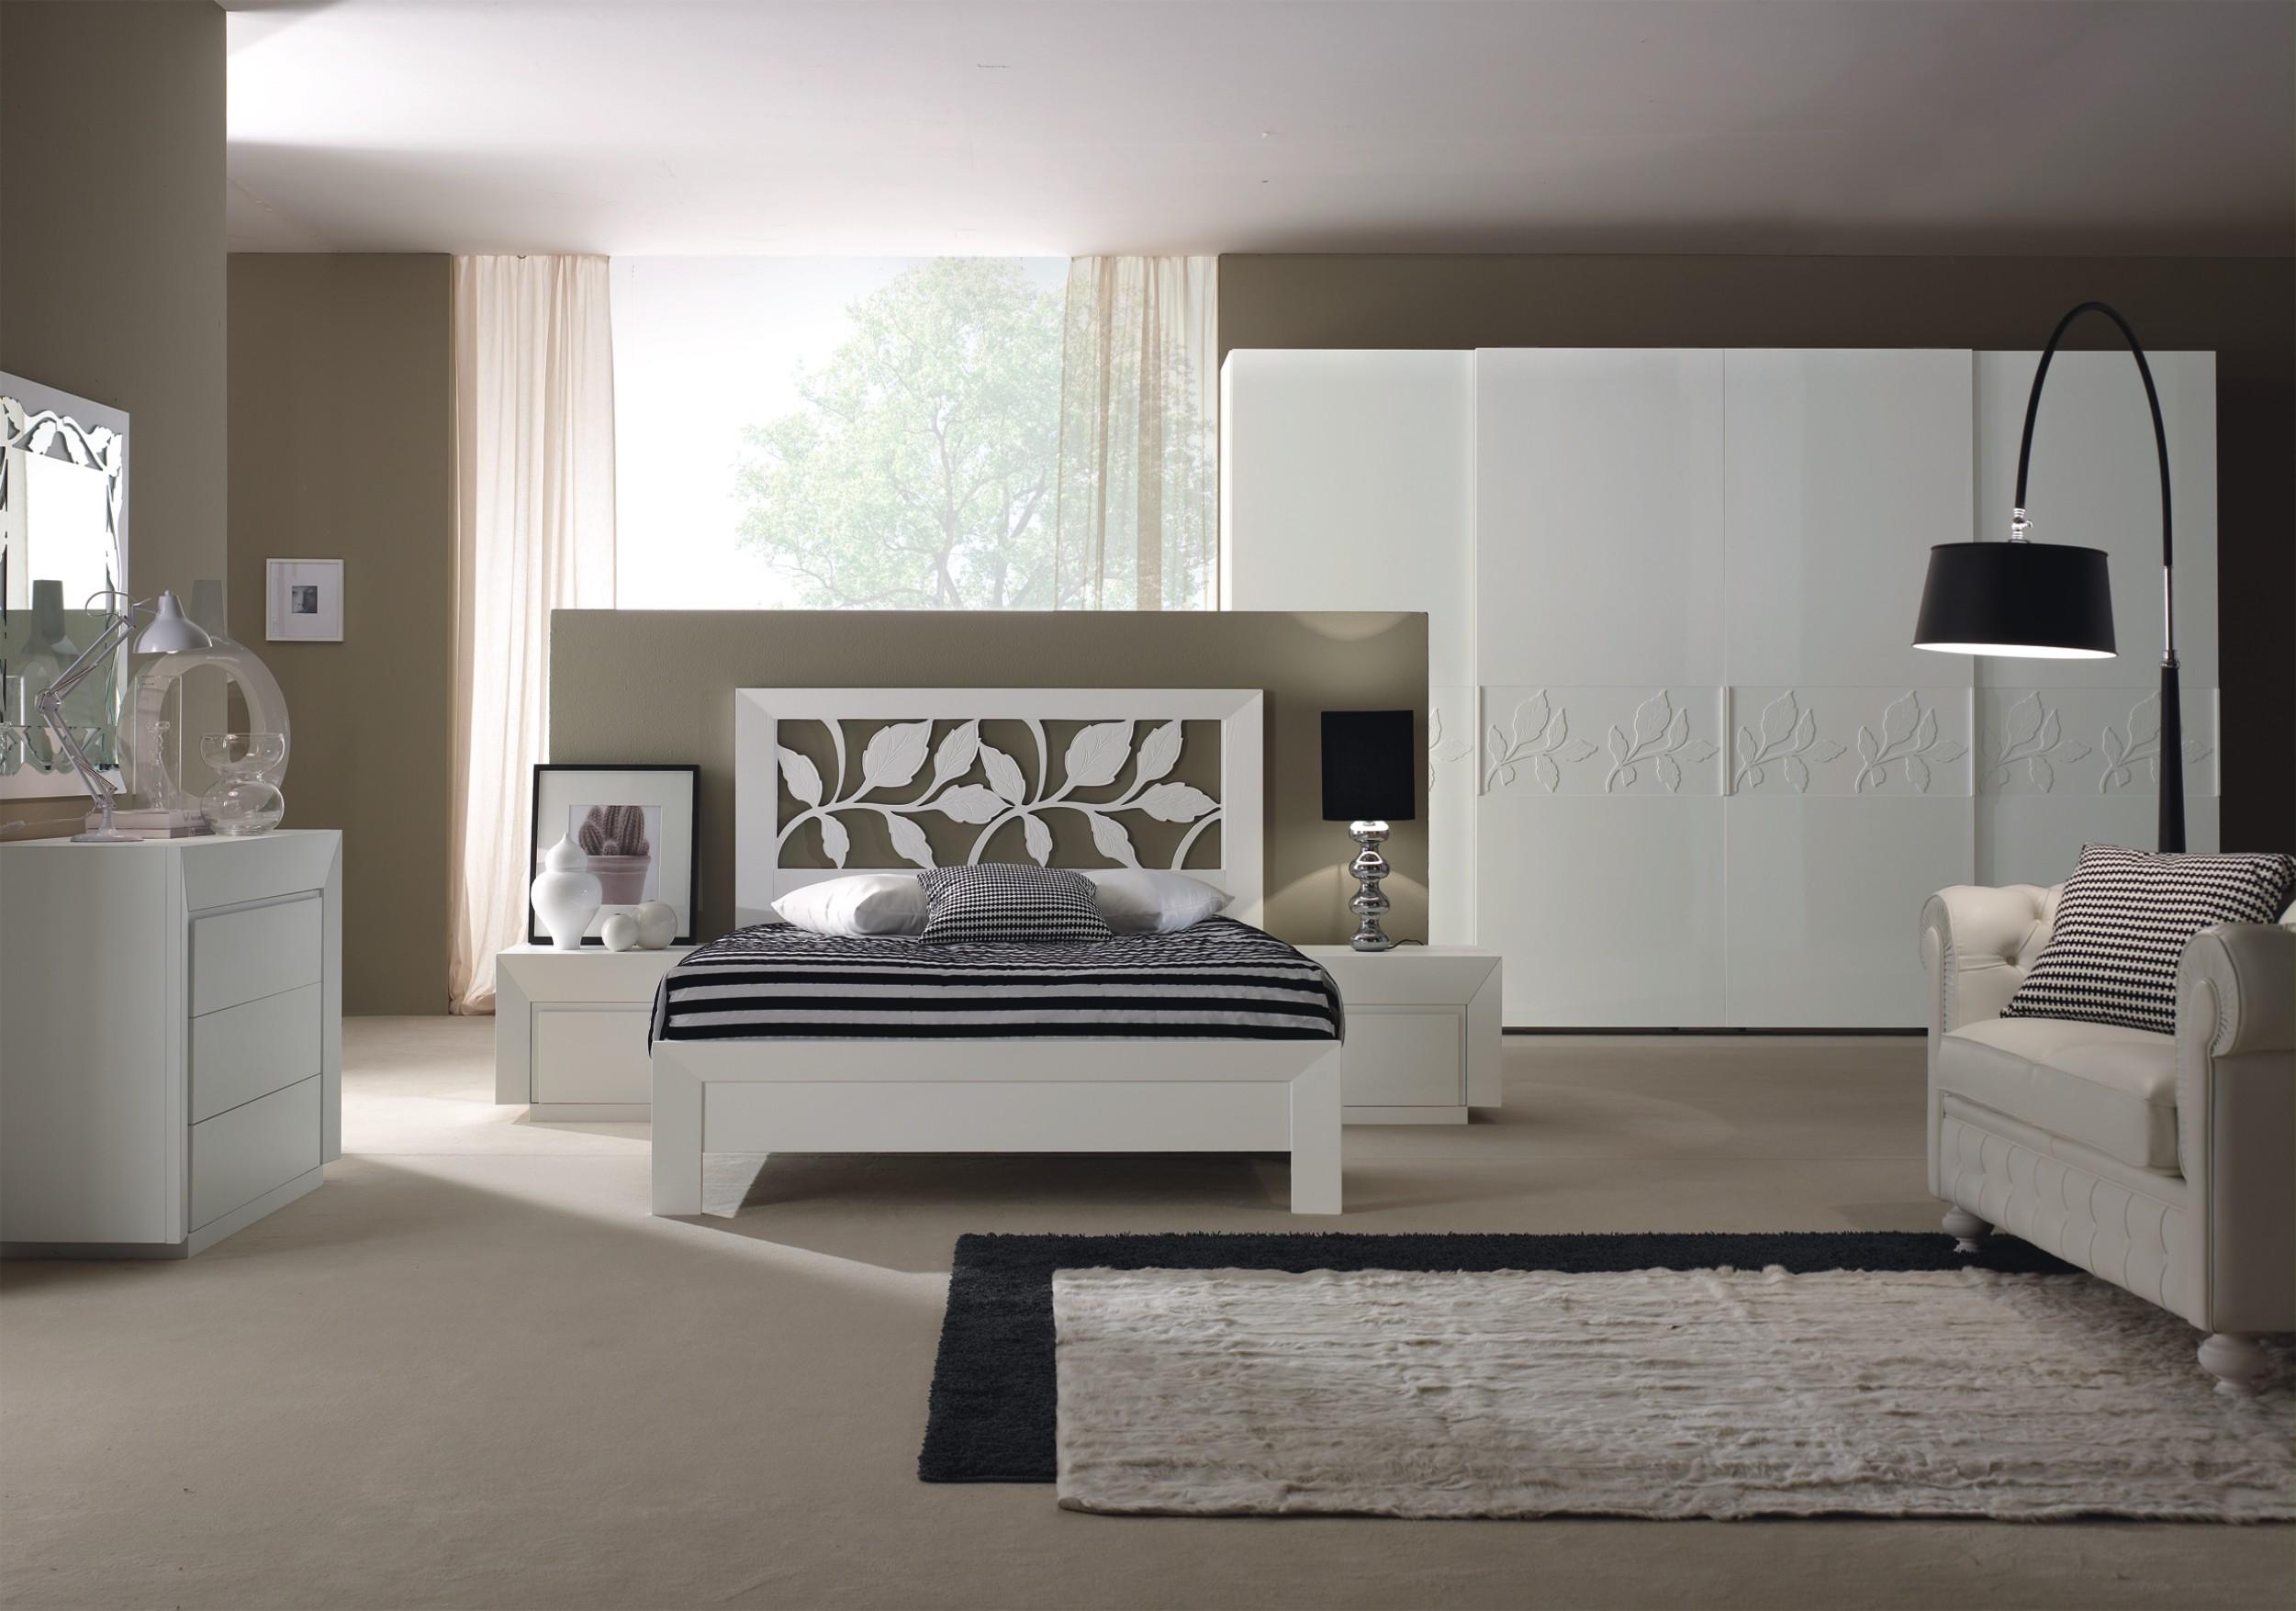 Guarise mobili e contract hotel casa italia for Casa italia mobili